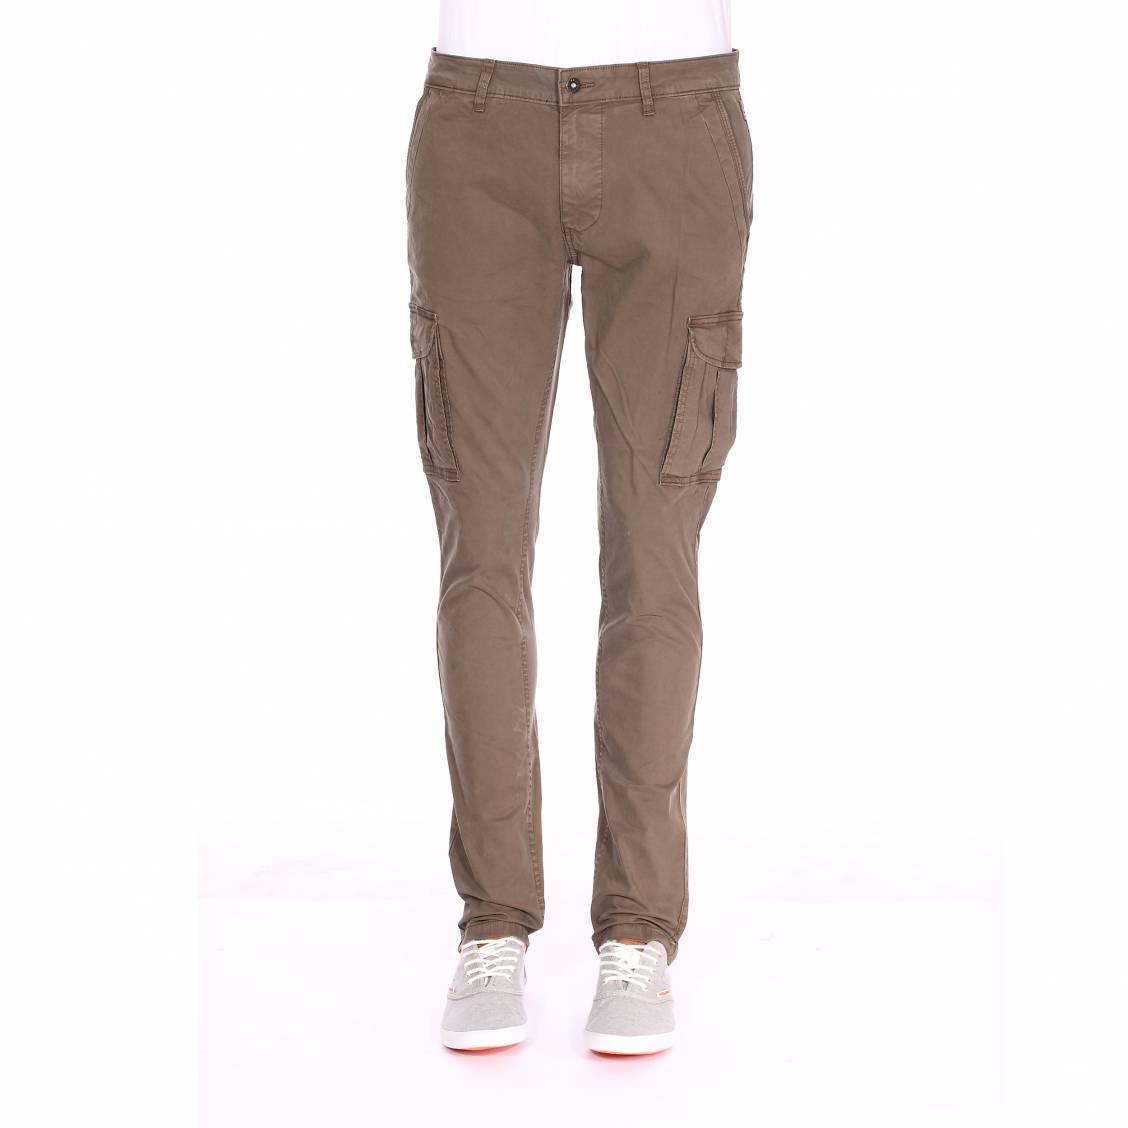 Pantalon Cargo Nutria Kaki Coton En Napapijri Stretch Moto Rue Des r4rFngWH